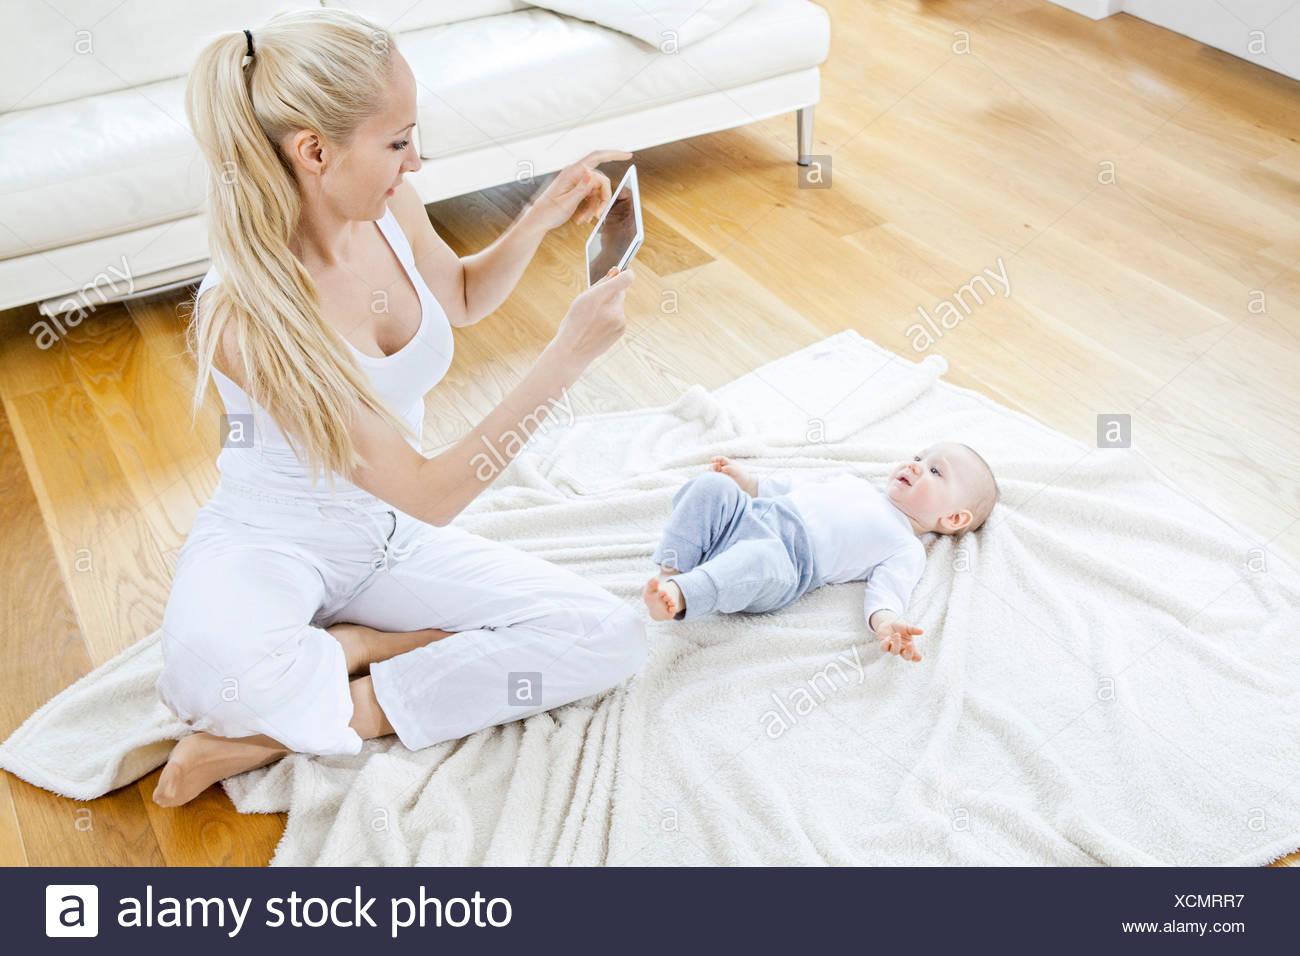 Madre di fotografare baby boy con tavoletta digitale Immagini Stock